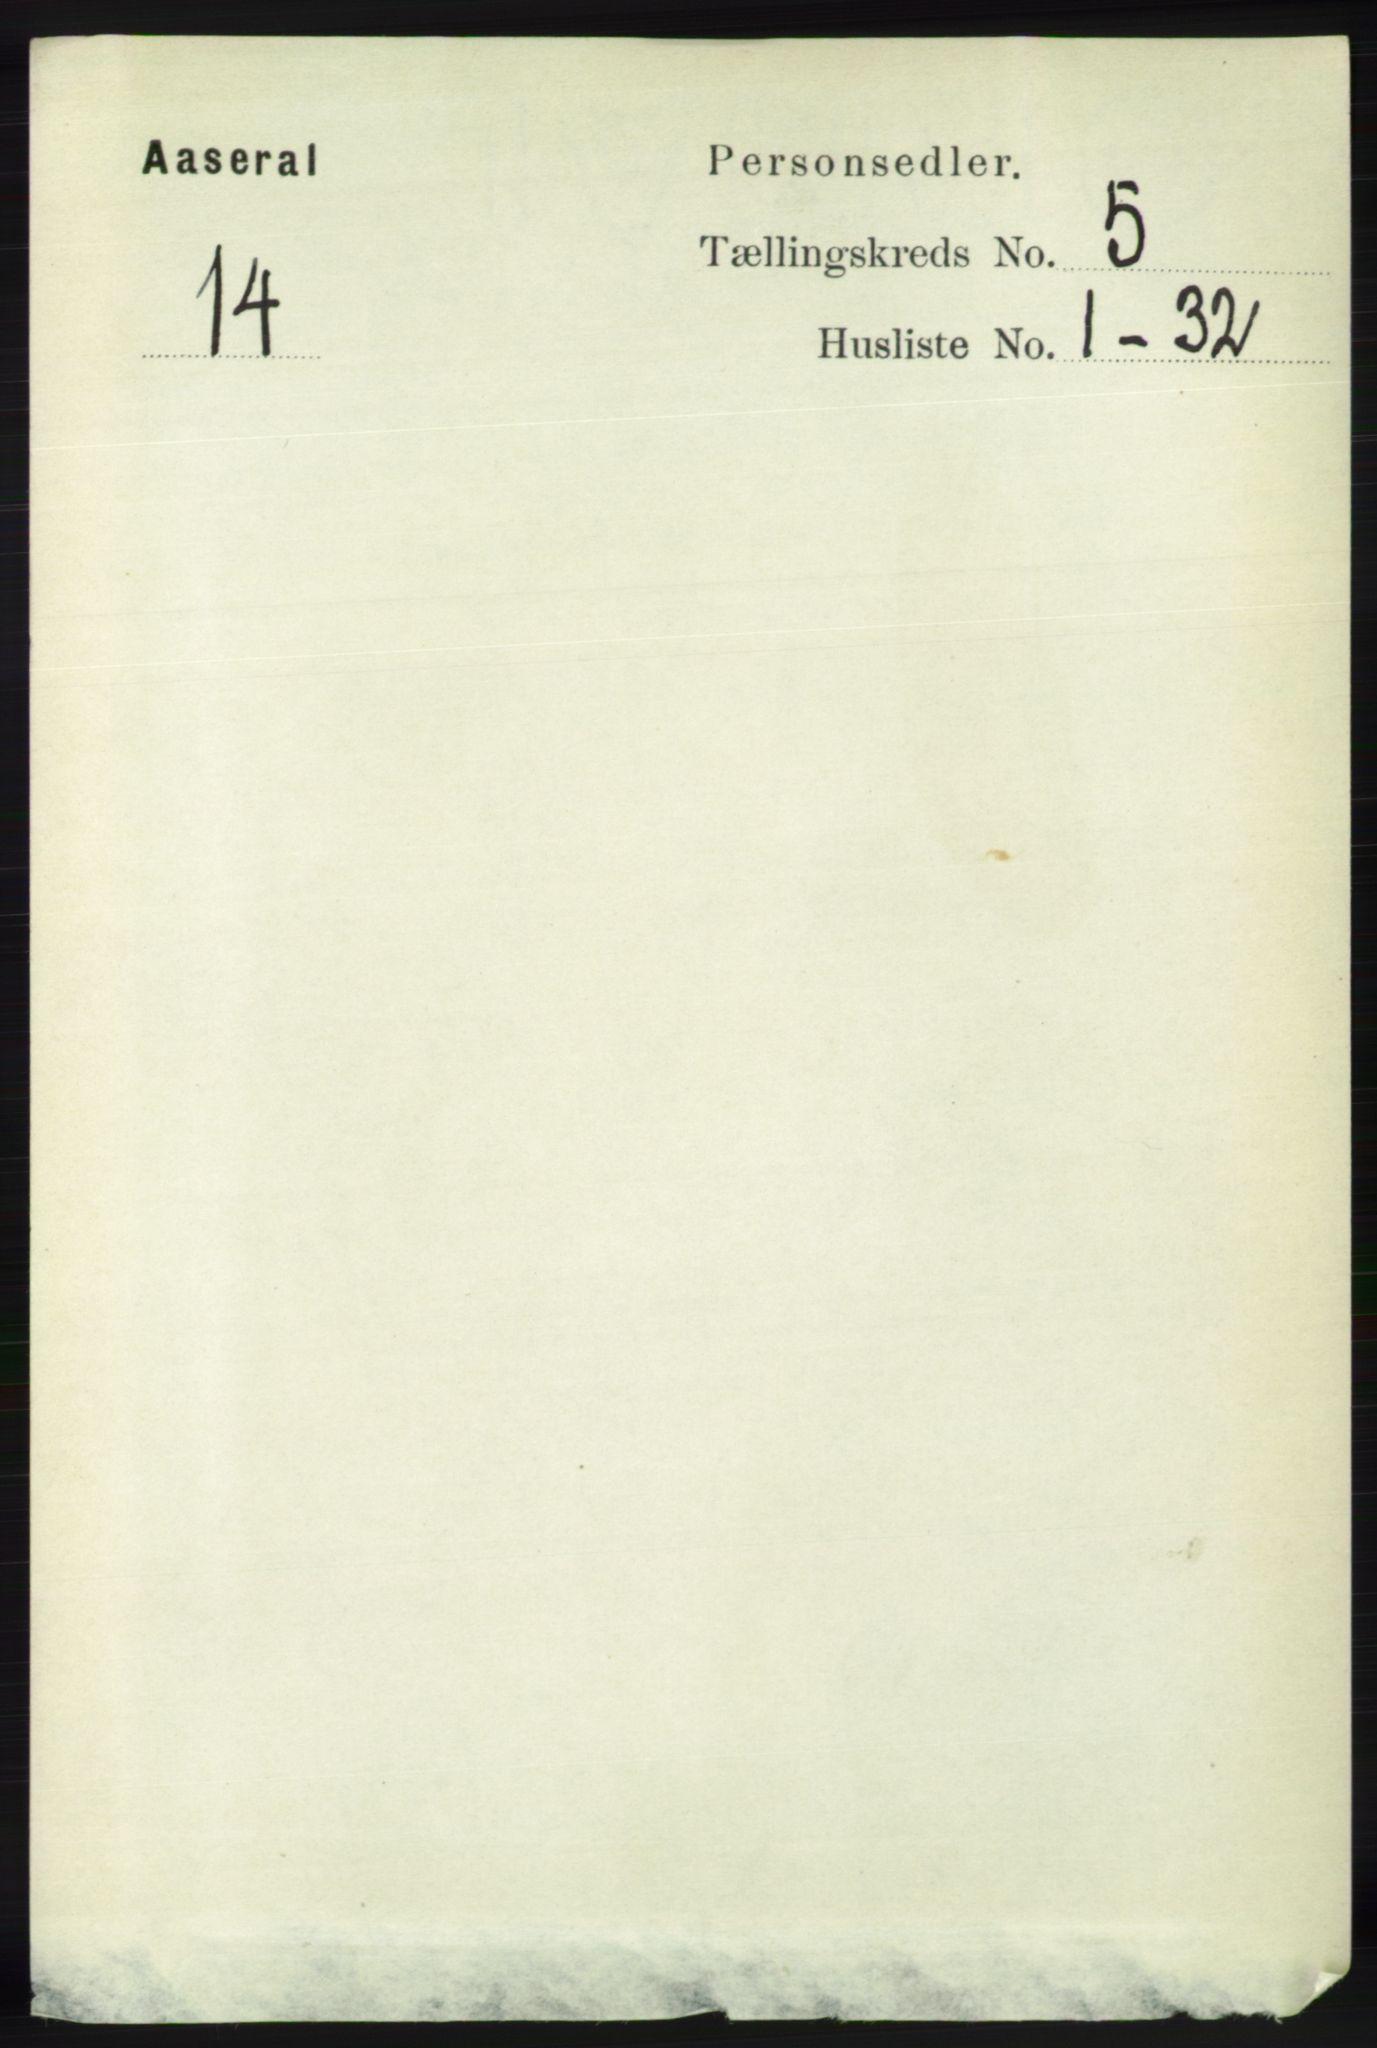 RA, Folketelling 1891 for 1026 Åseral herred, 1891, s. 1449